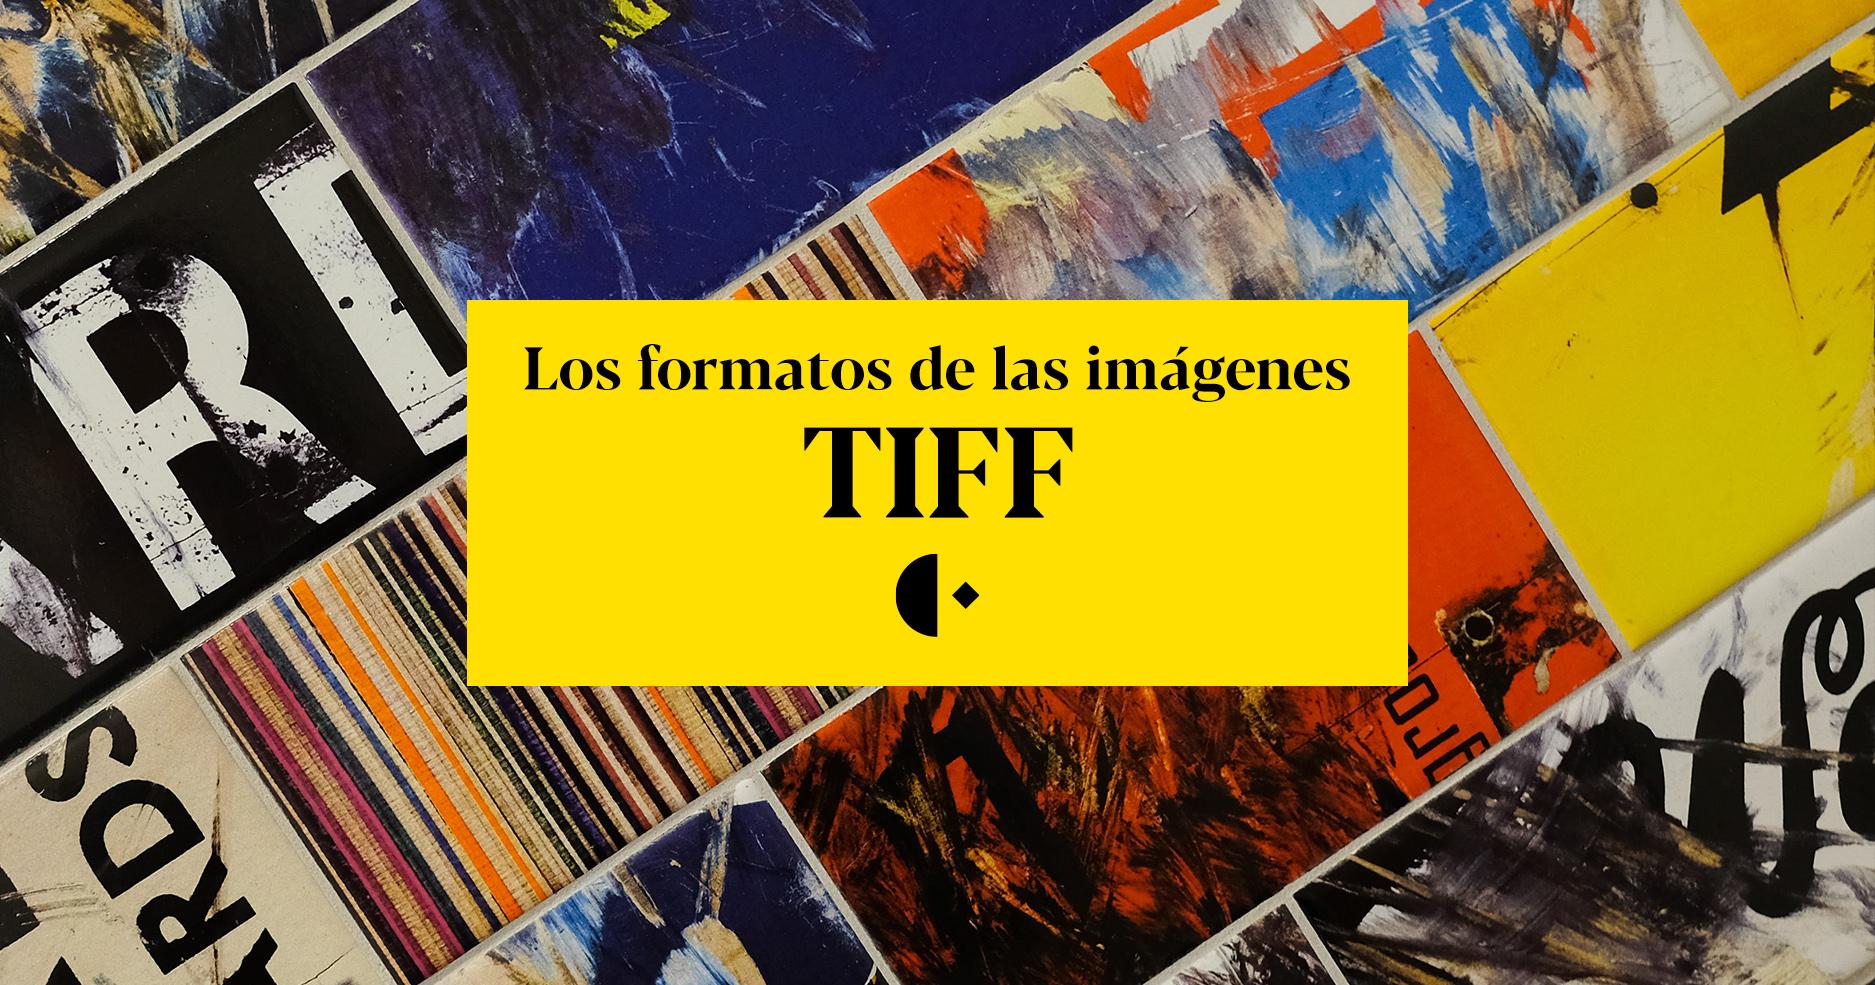 creatyum-media-tiff-formatos-imagenes-n